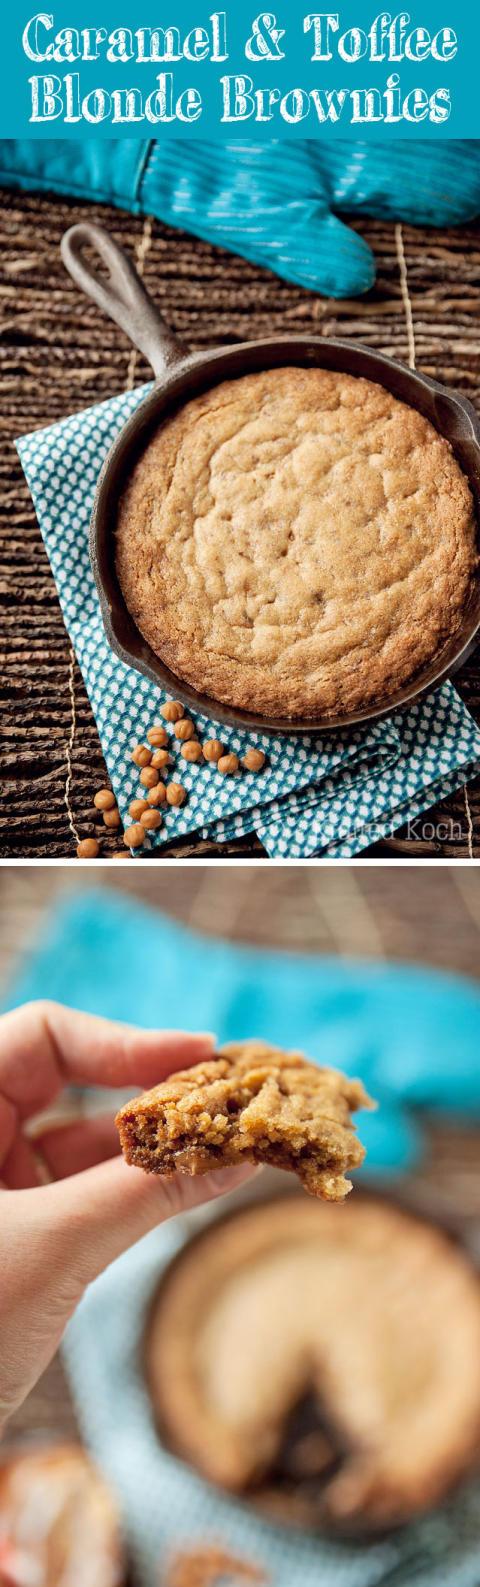 Caramel & Toffee Skillet Blonde Brownies ~ Krafted Koch